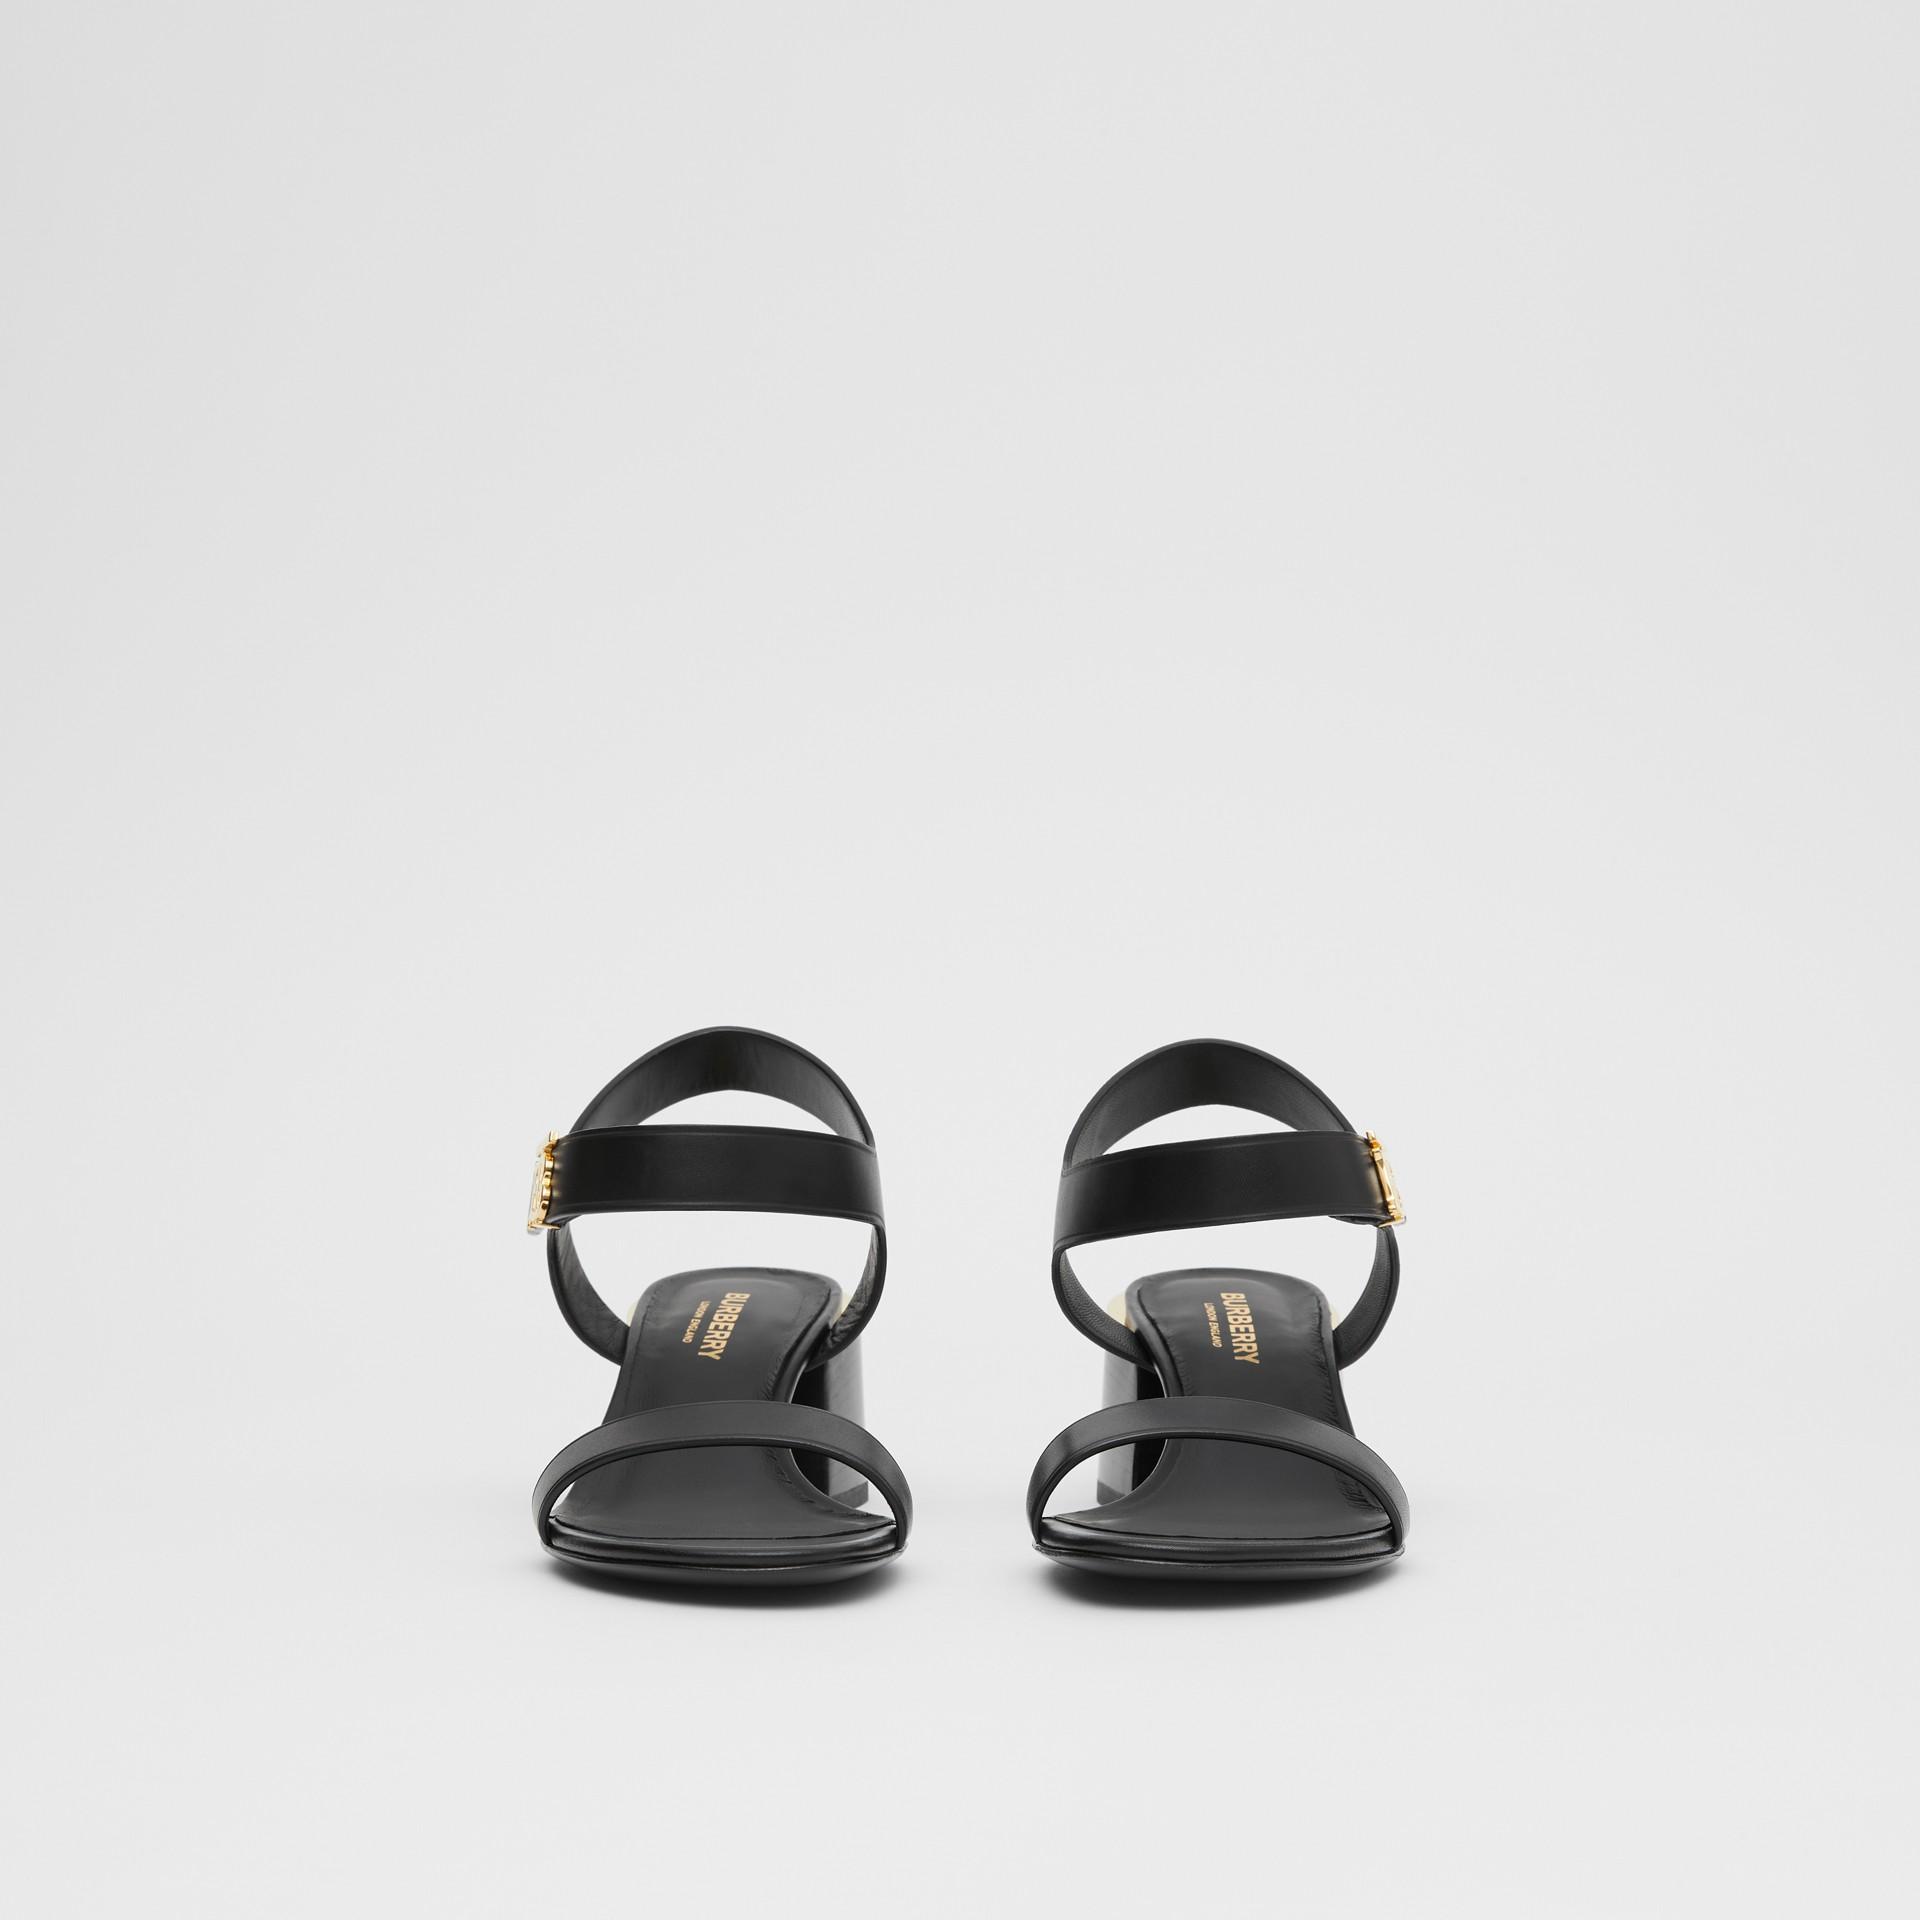 Monogram Motif Leather Block-heel Sandals in Black - Women | Burberry - gallery image 3